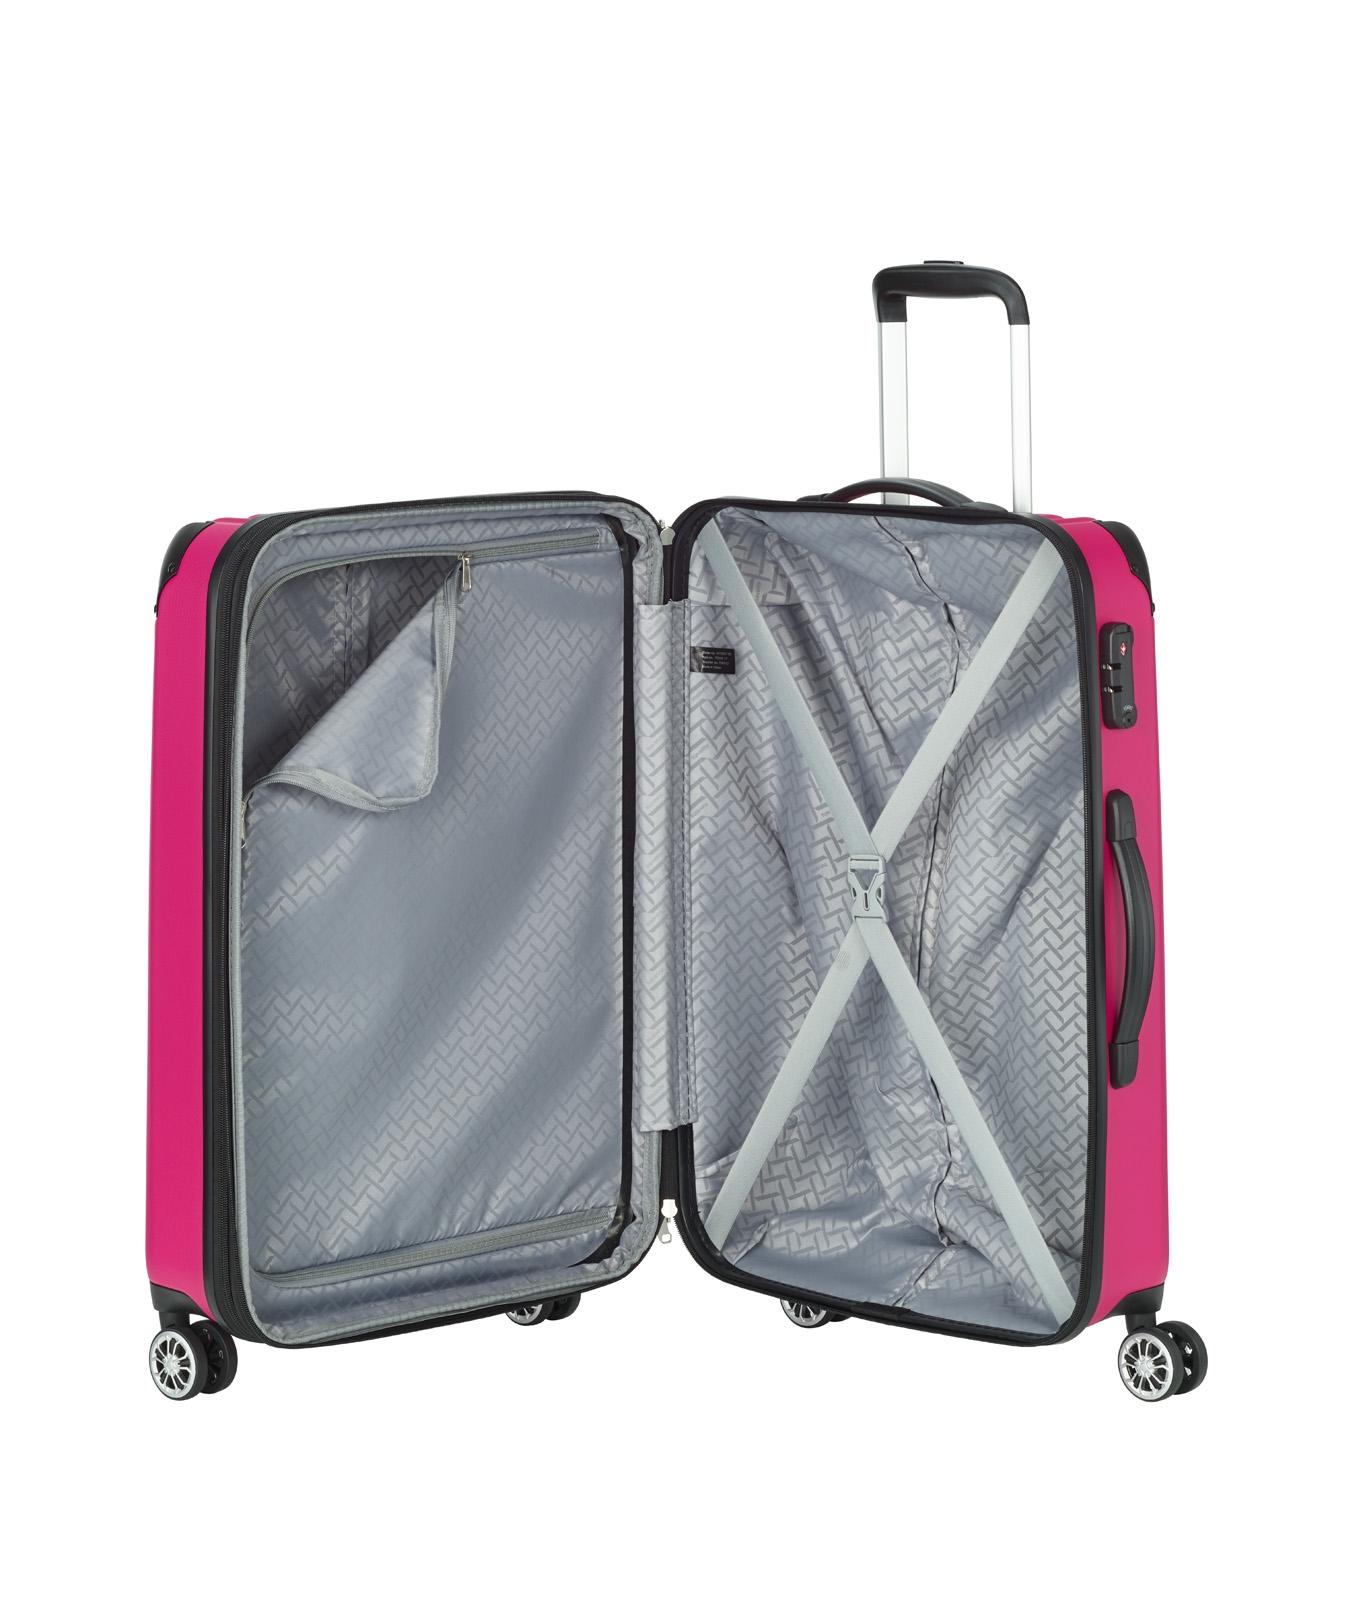 Travelite City 4w M Berry Hľadáte kvalitnú batožinu, ktorá vám ponúkne viac než len krytie a praktickú výbavu na cesty?